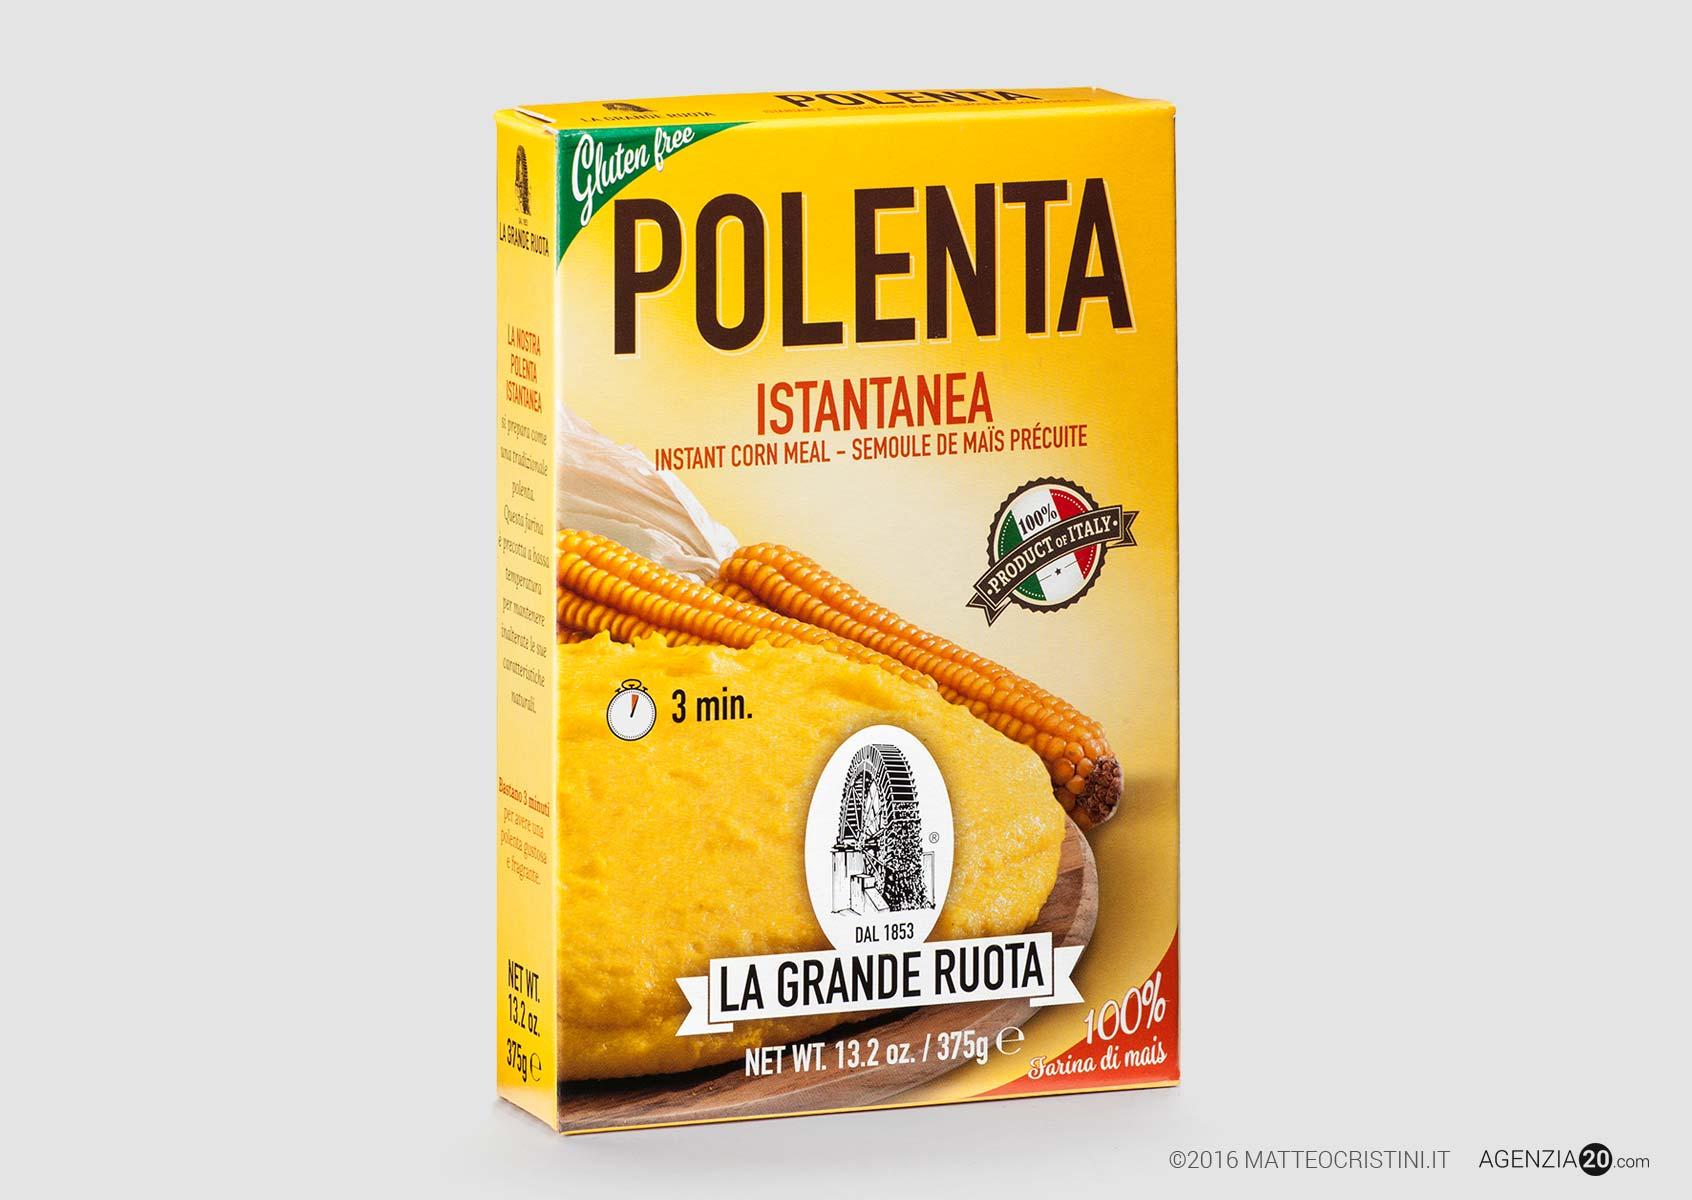 Astuccio di farina per polenta istantanea